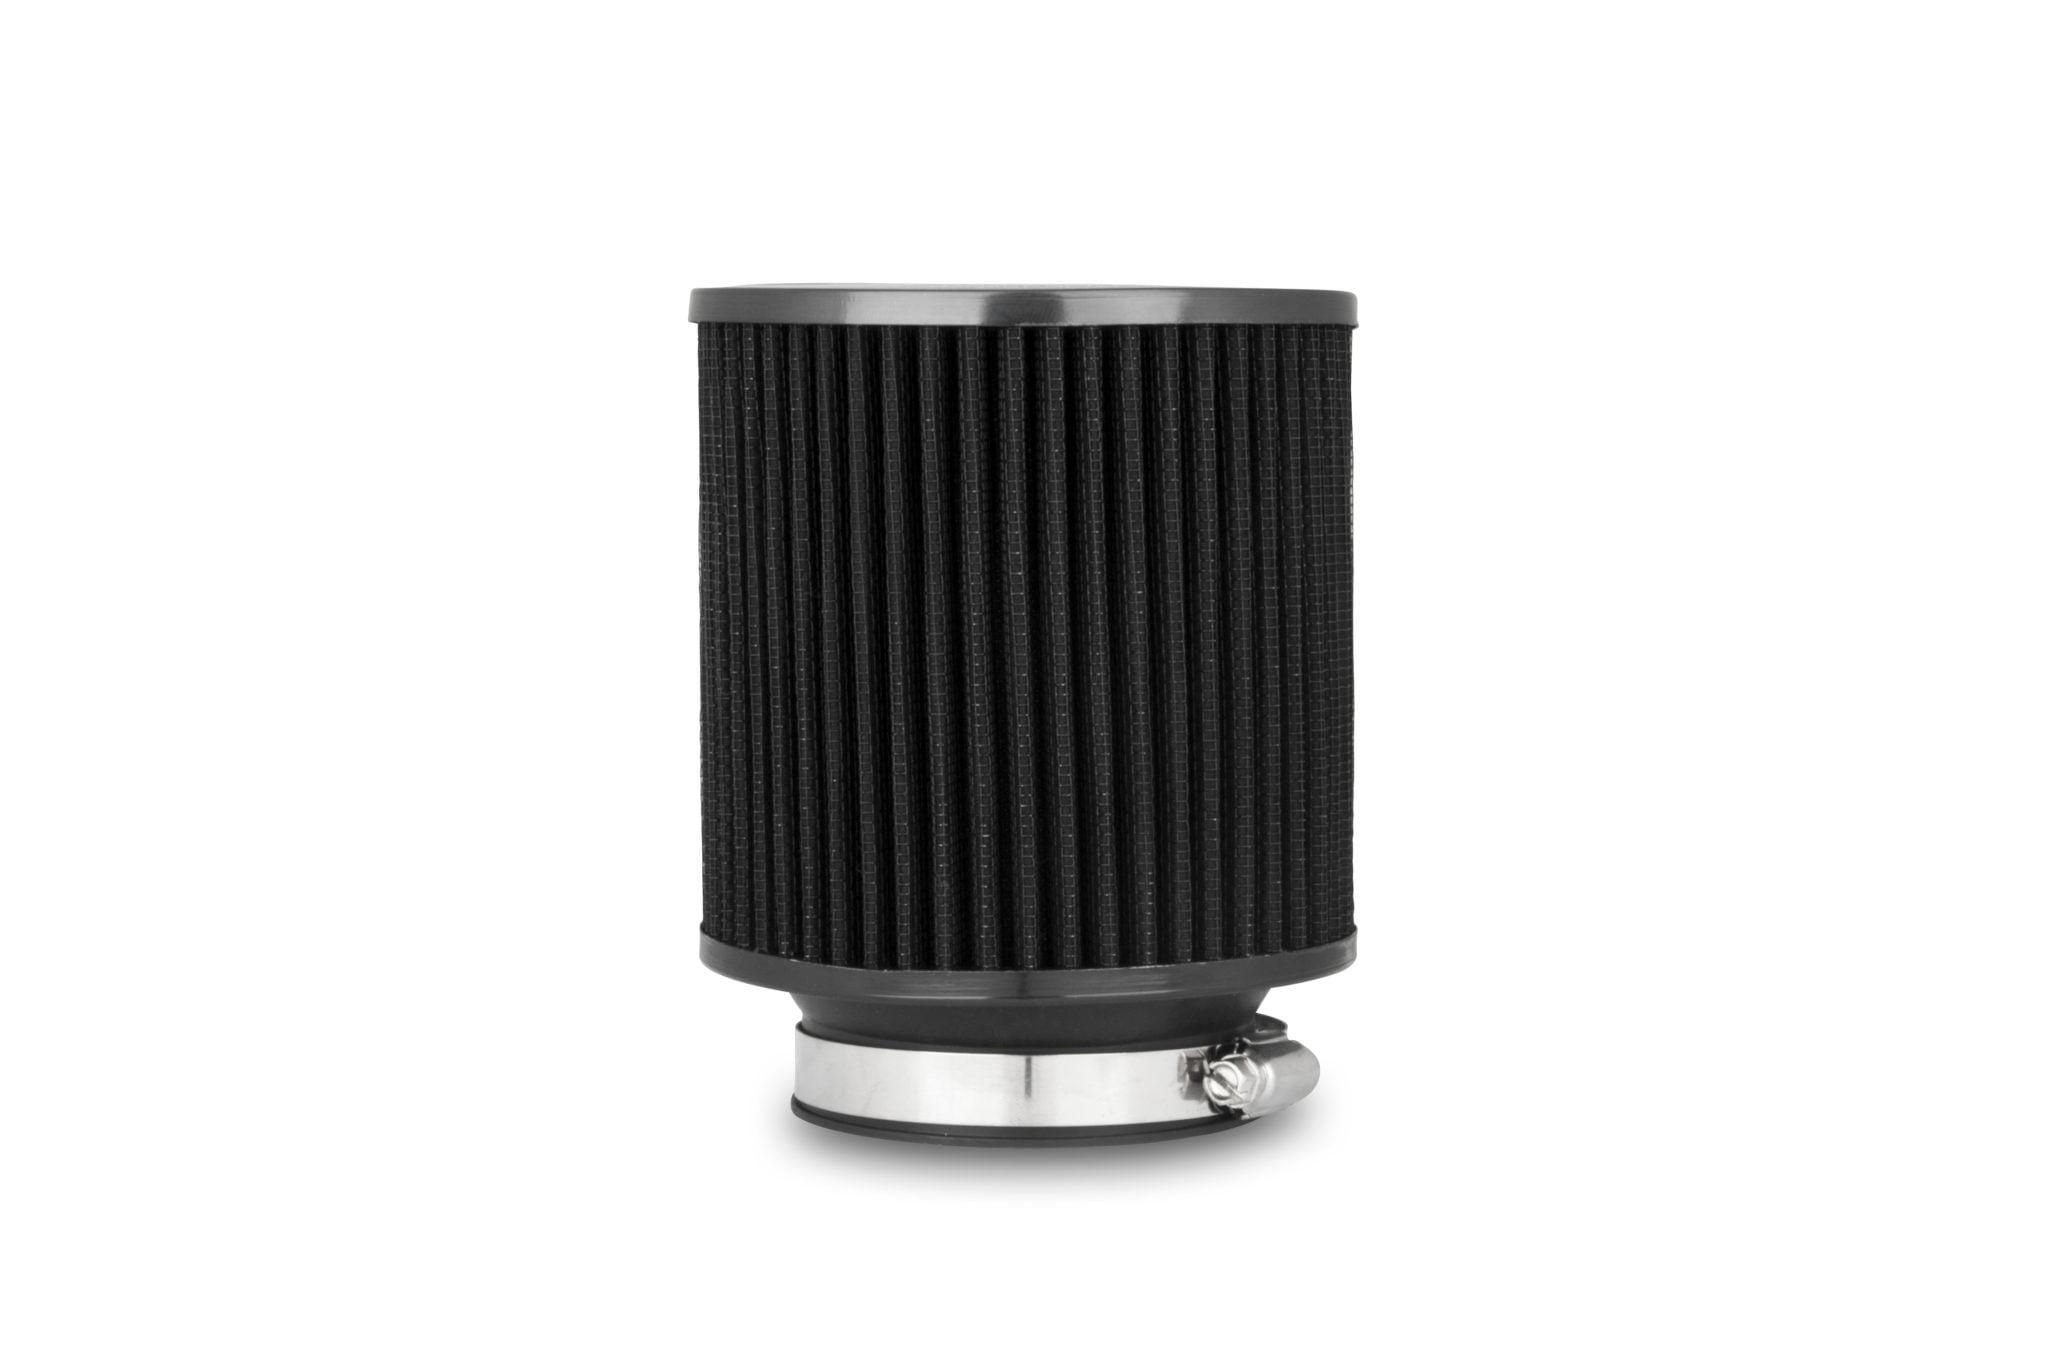 Funk Motorsport Black Stubby Air Filter